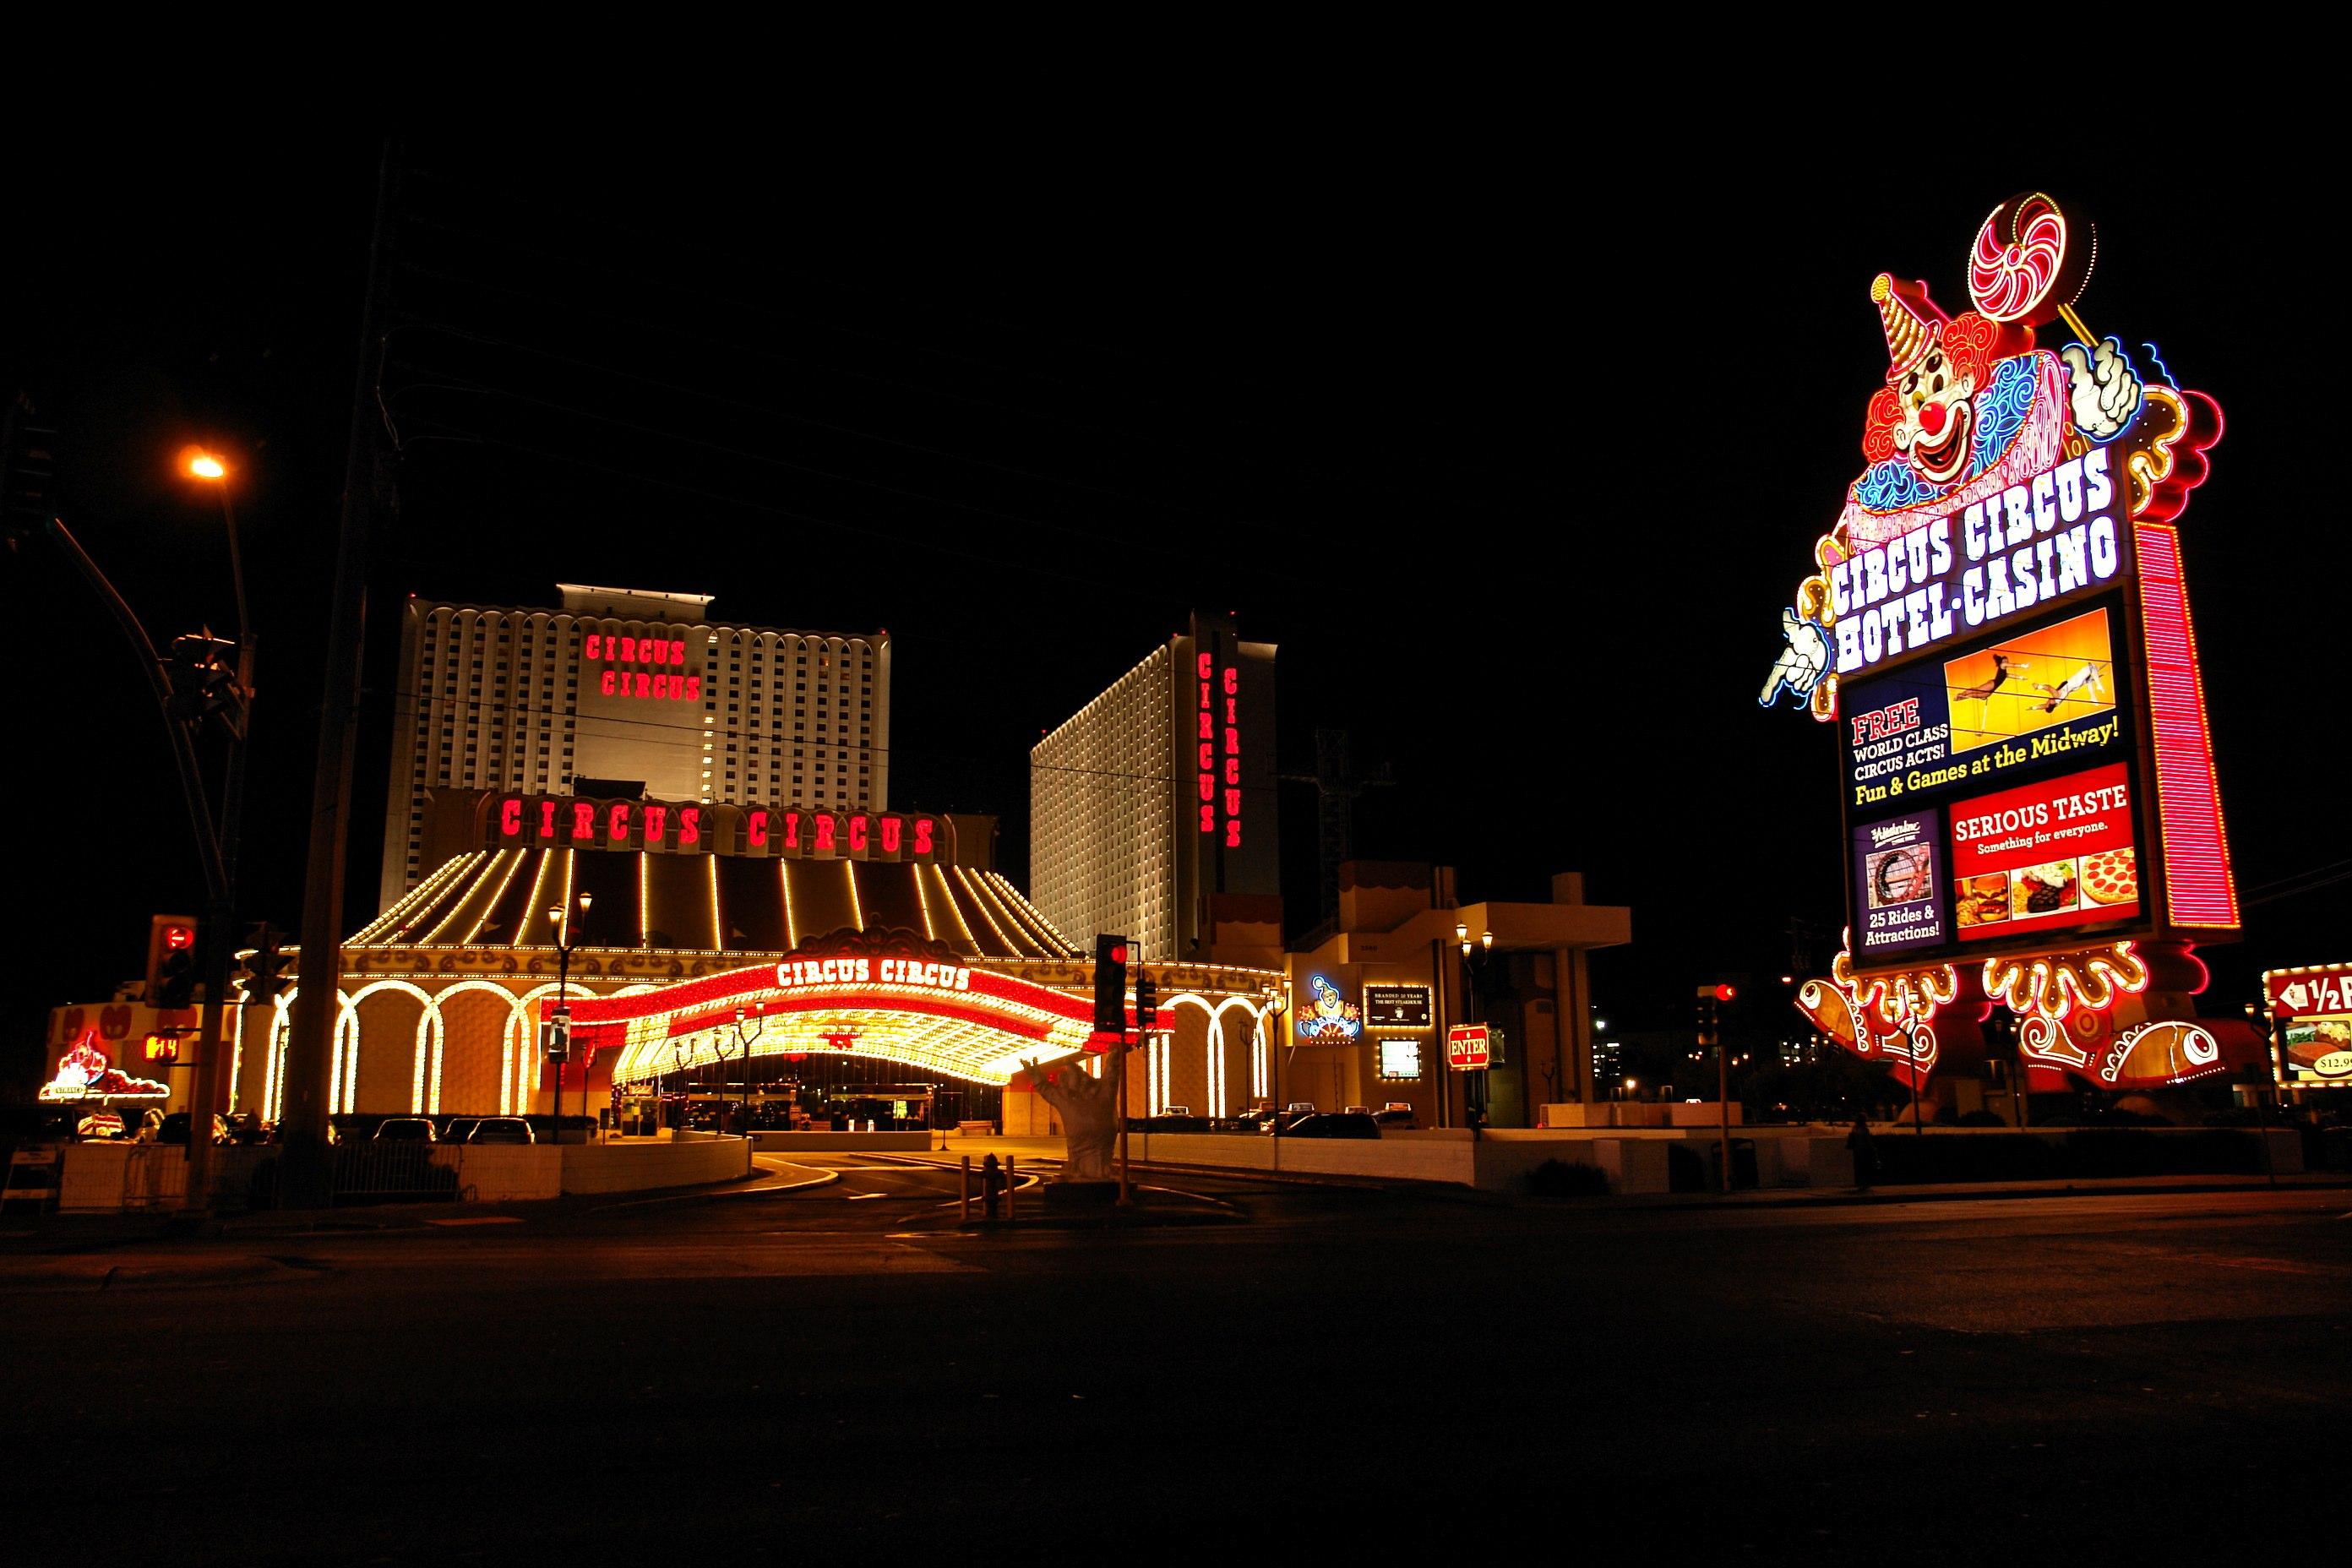 circus casino in las vegas